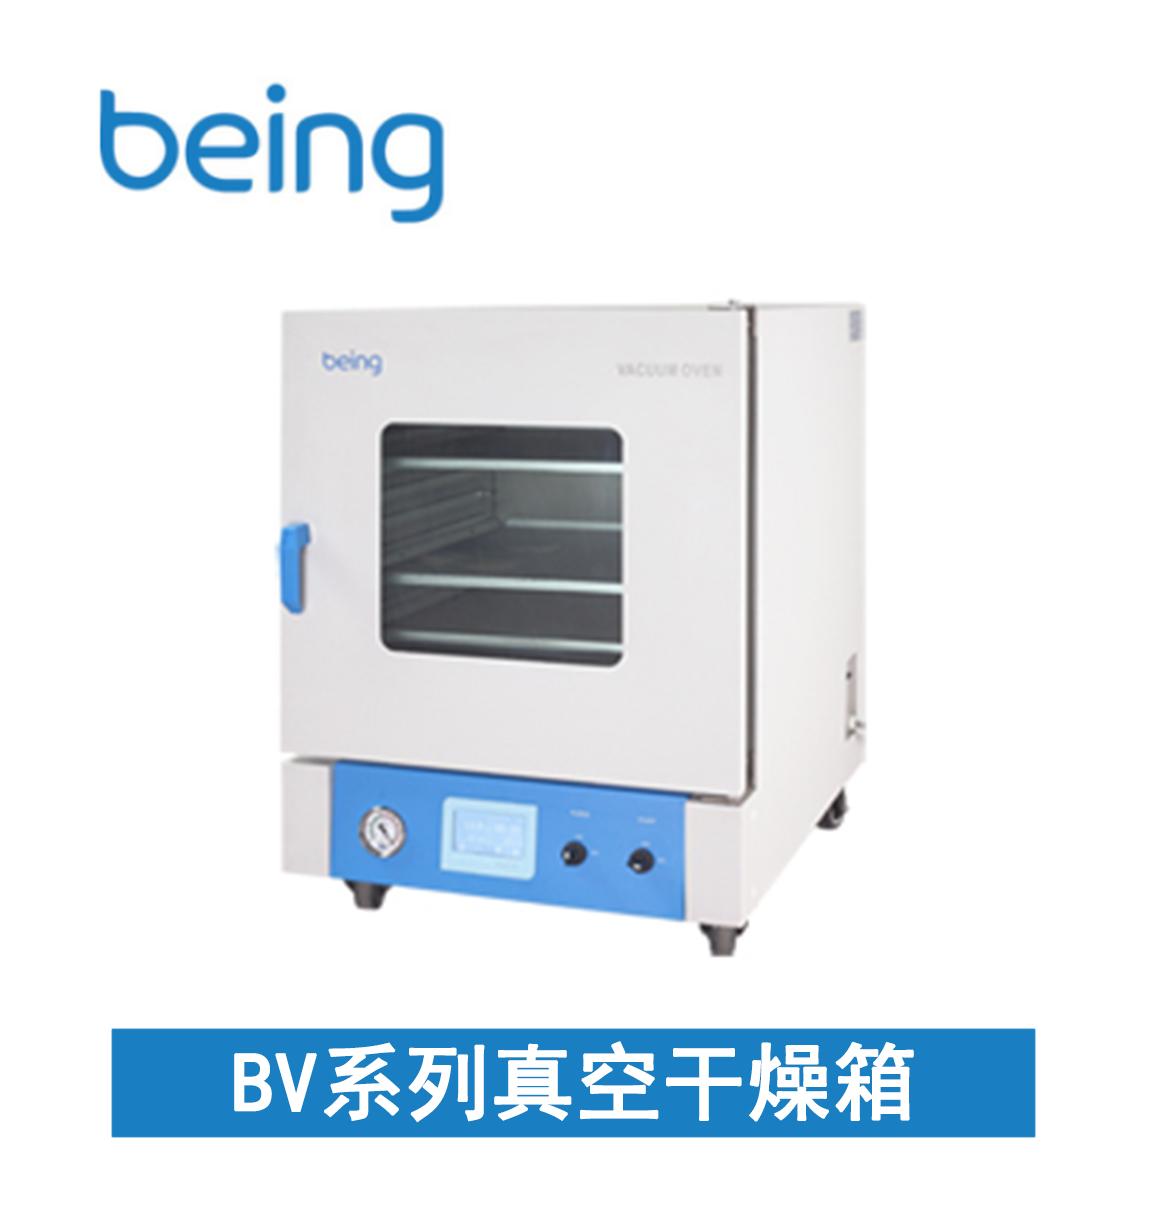 BV系列真空干燥箱